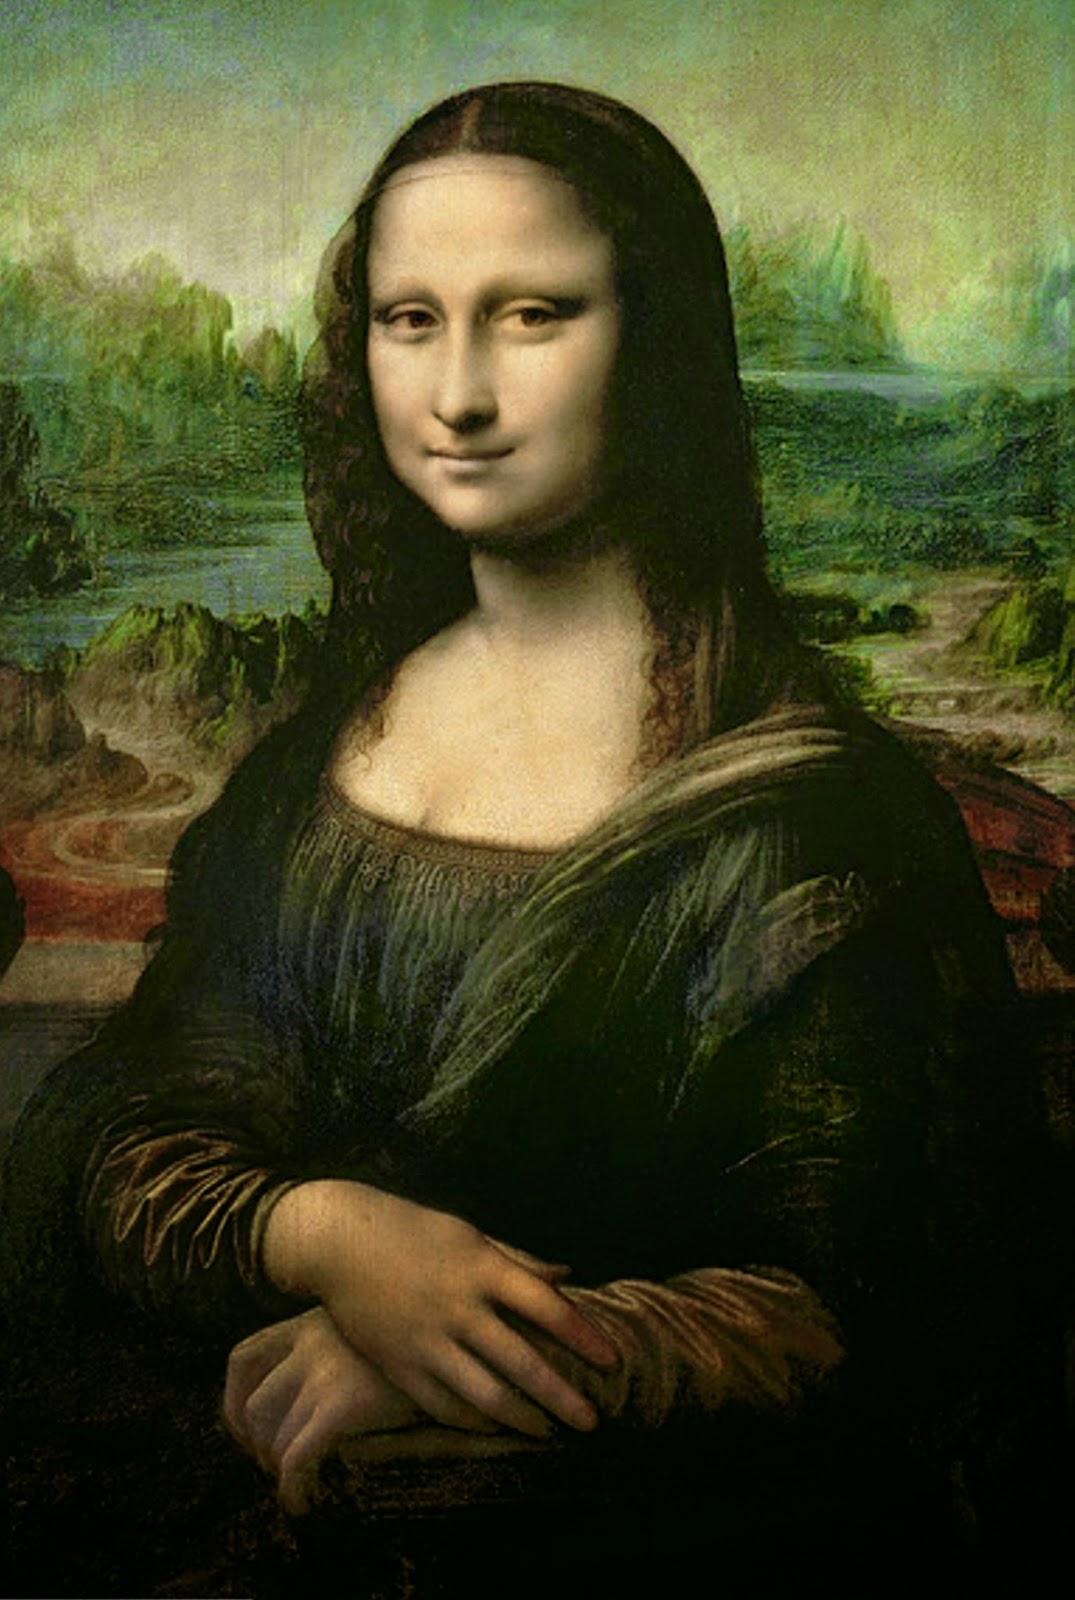 pinturas-de-mujeres-da-vinci